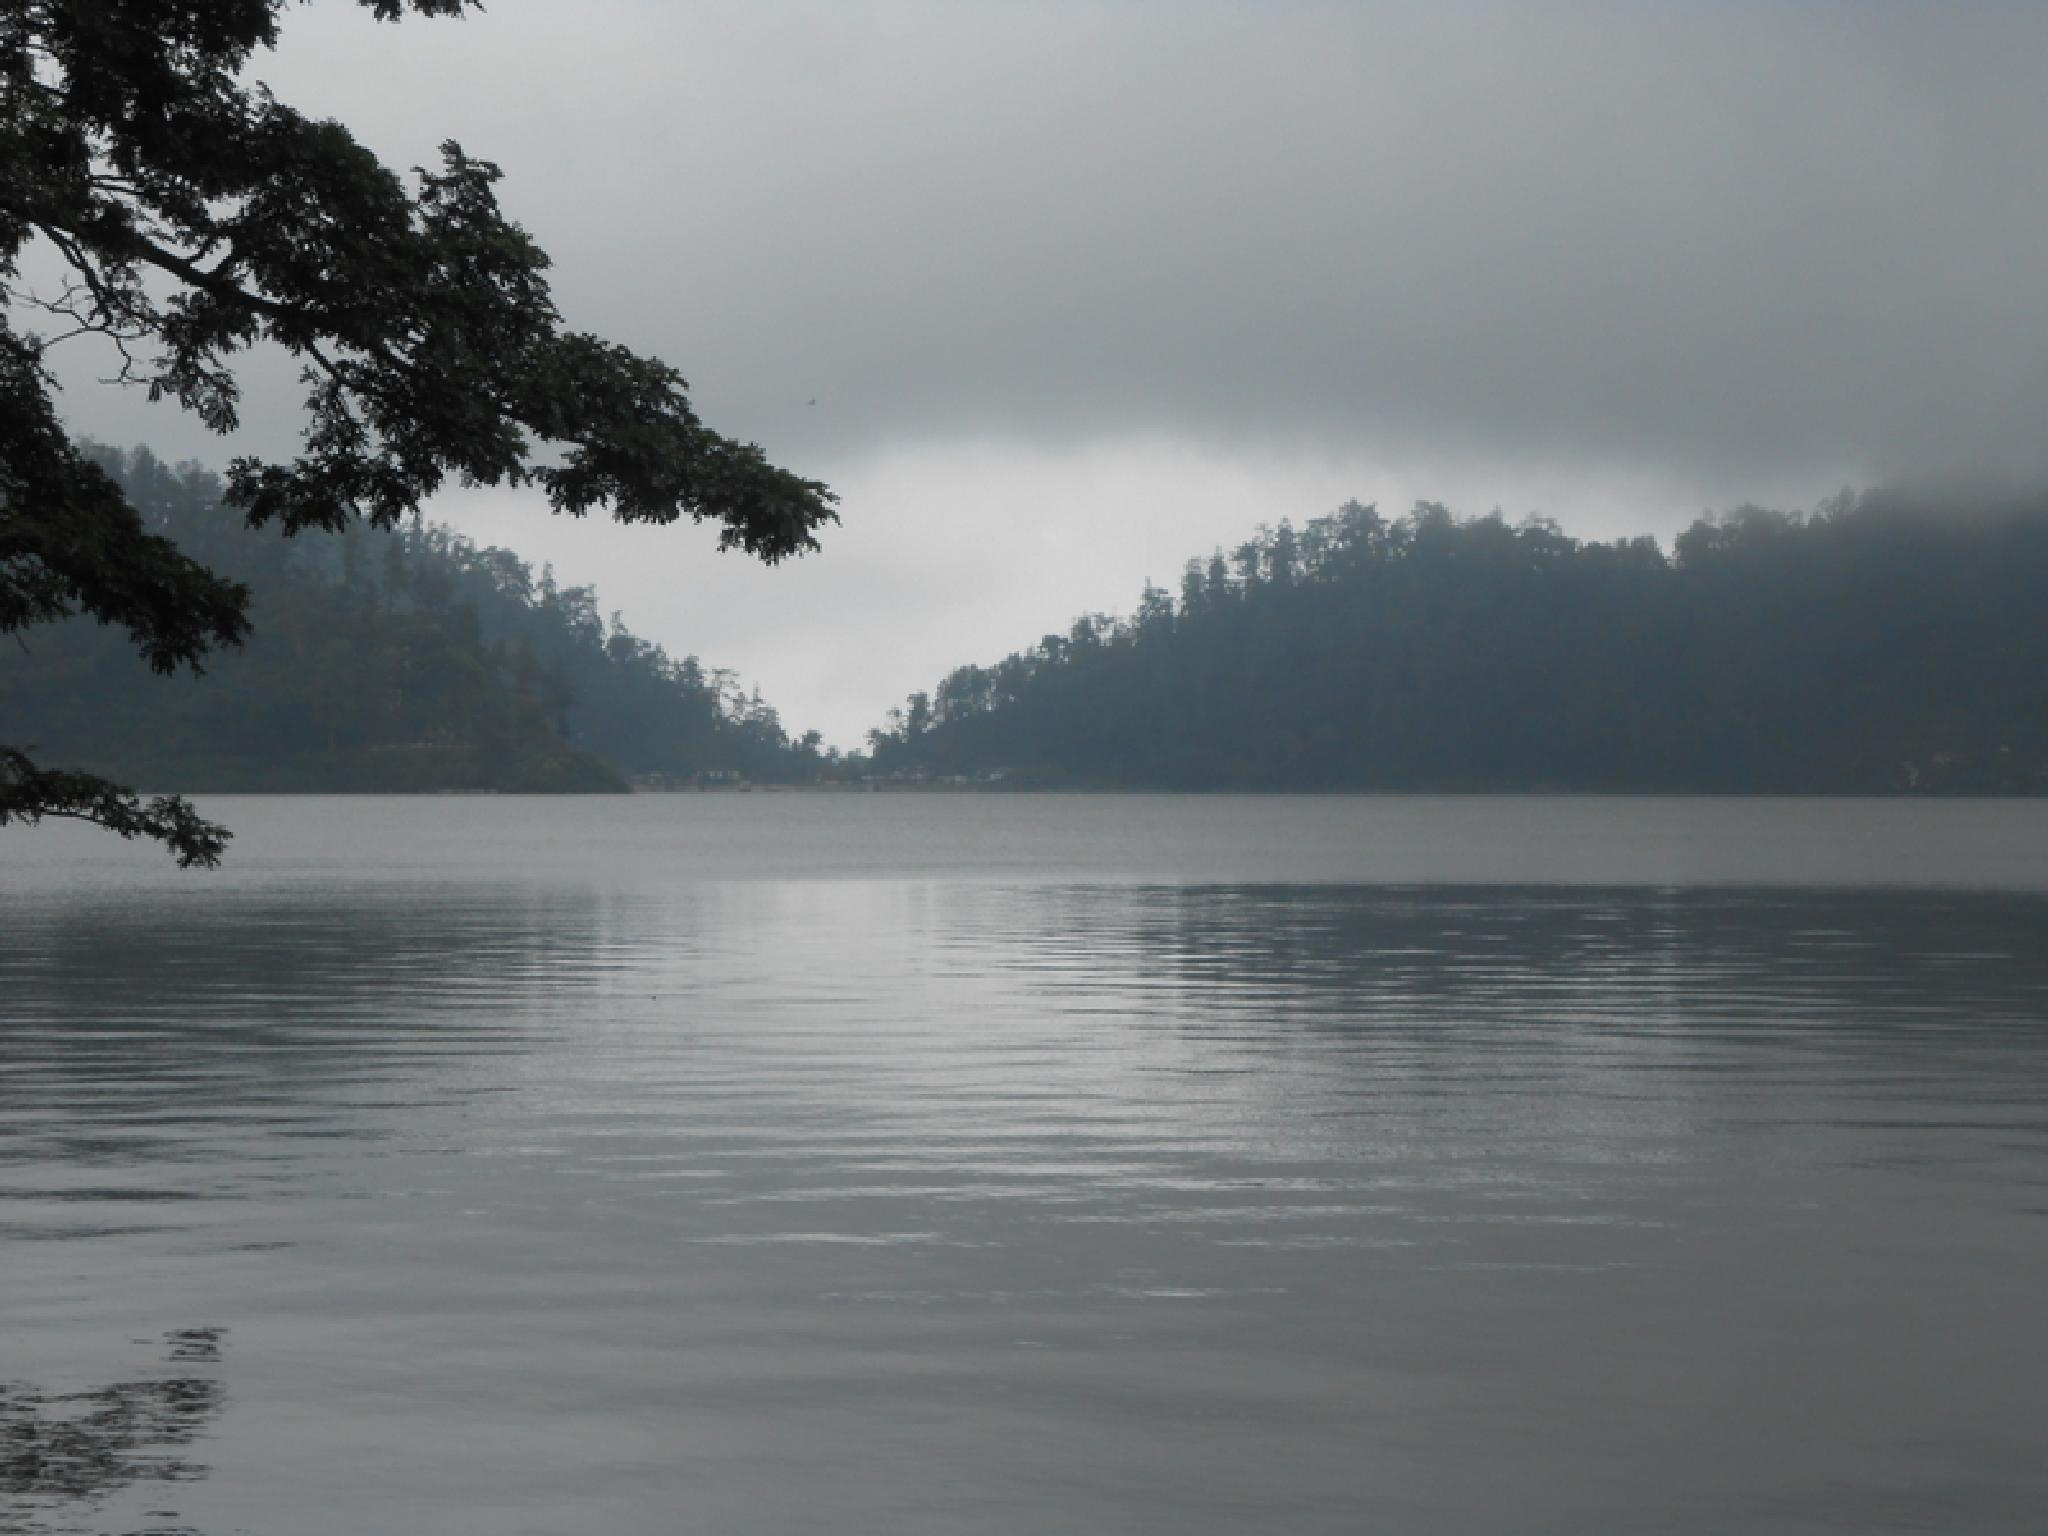 one misty morning on Ngebel Lake by urifah.ridlo